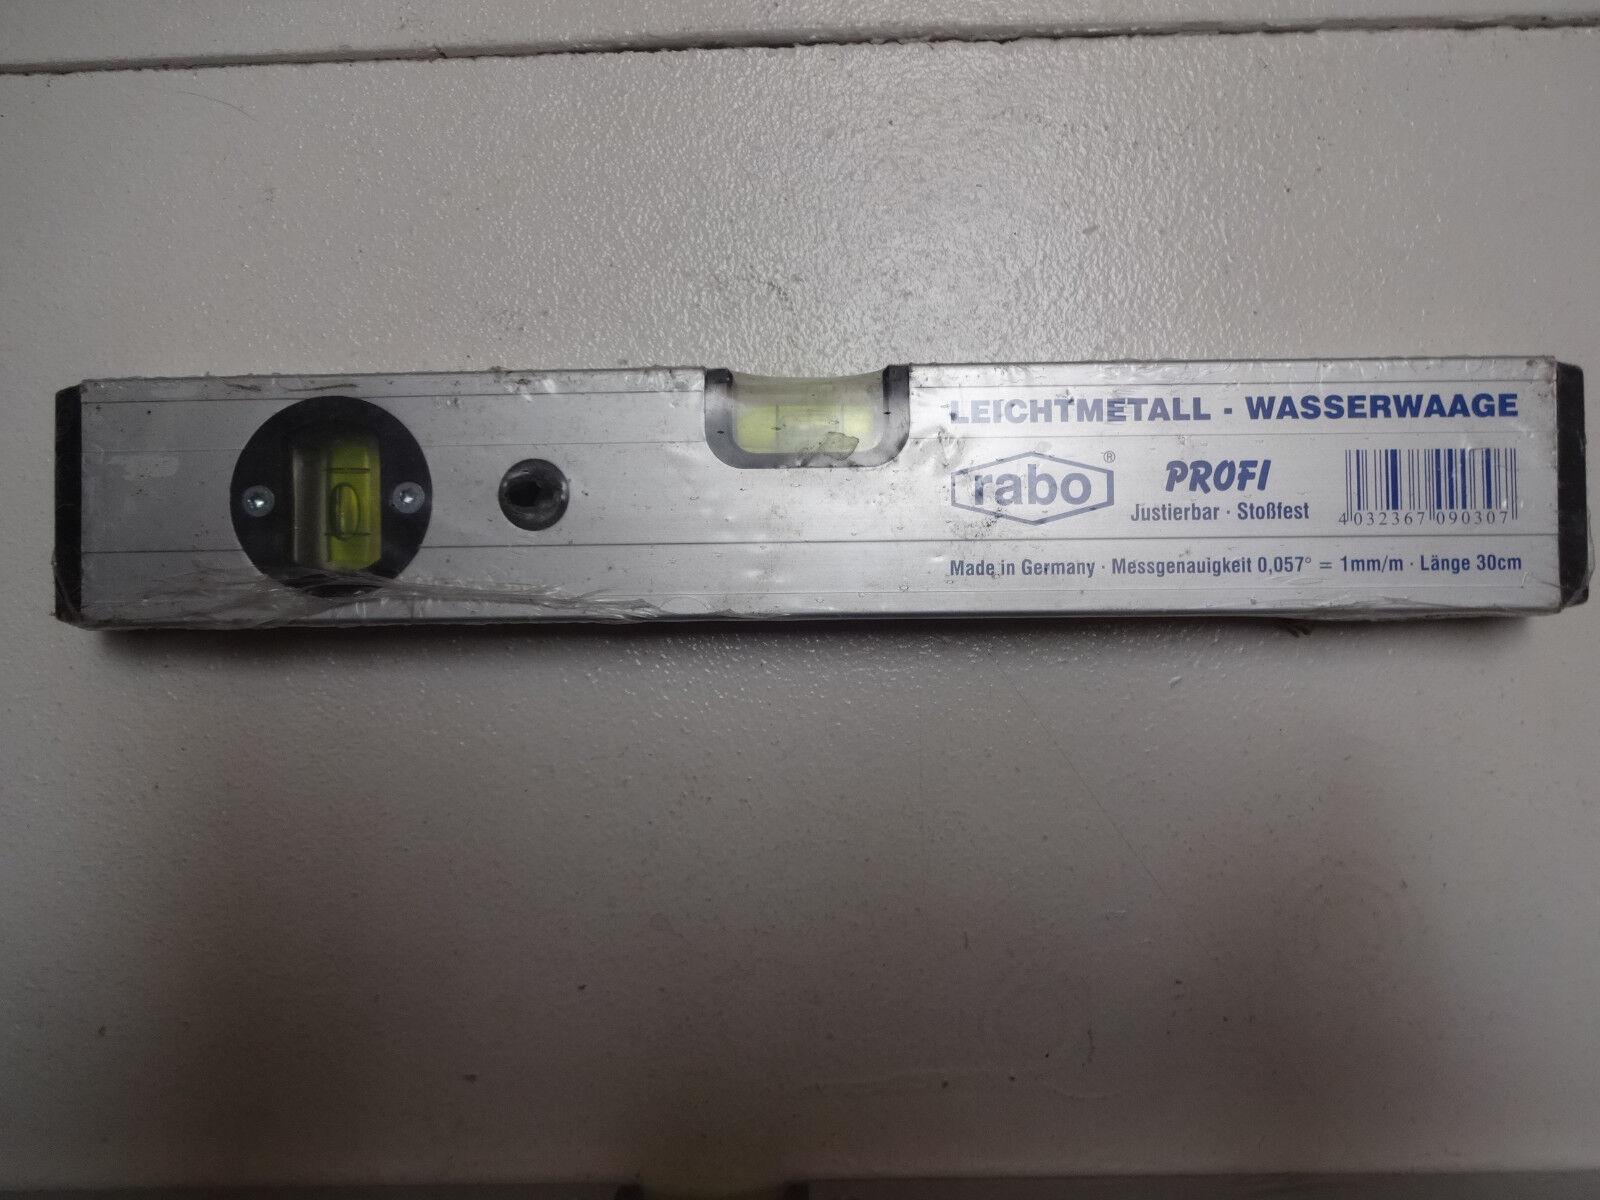 Wasserwaage ALU mit Magnet Richtwaage Maurerwaage Profil-Wasserwaage NEU